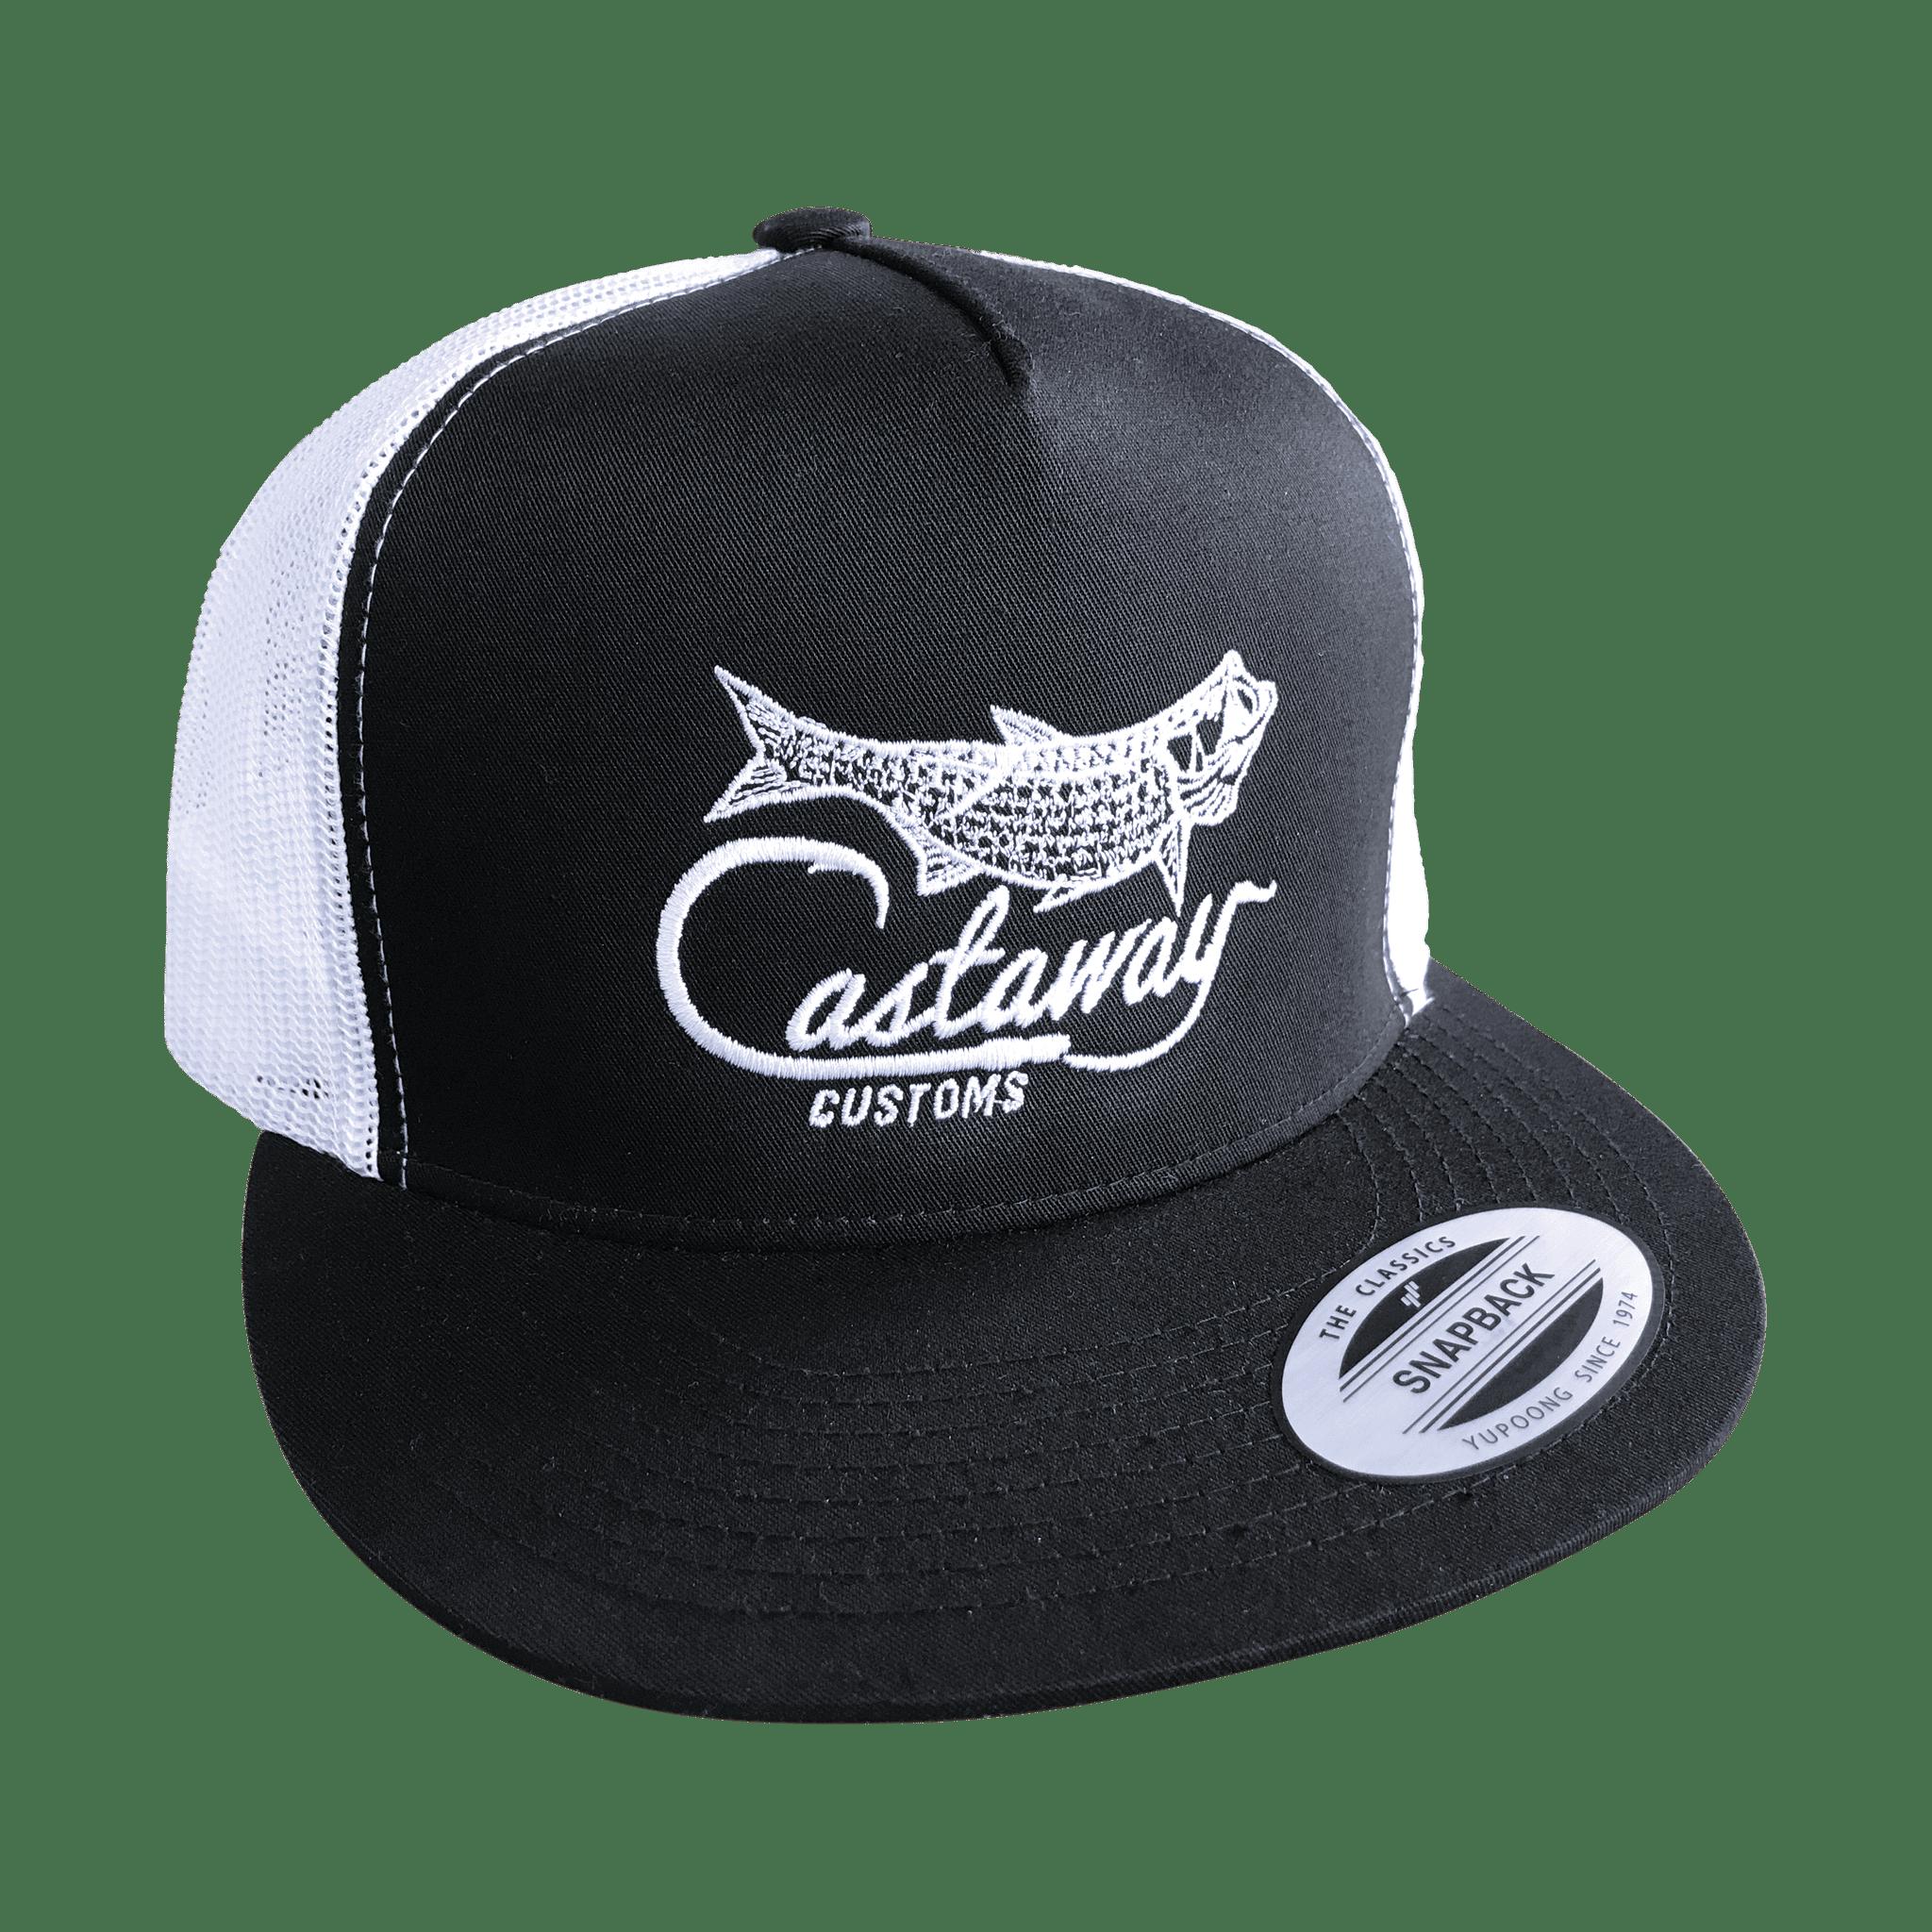 Tarpon flat bill trucker hat castaway customs for Flat bill fishing hats